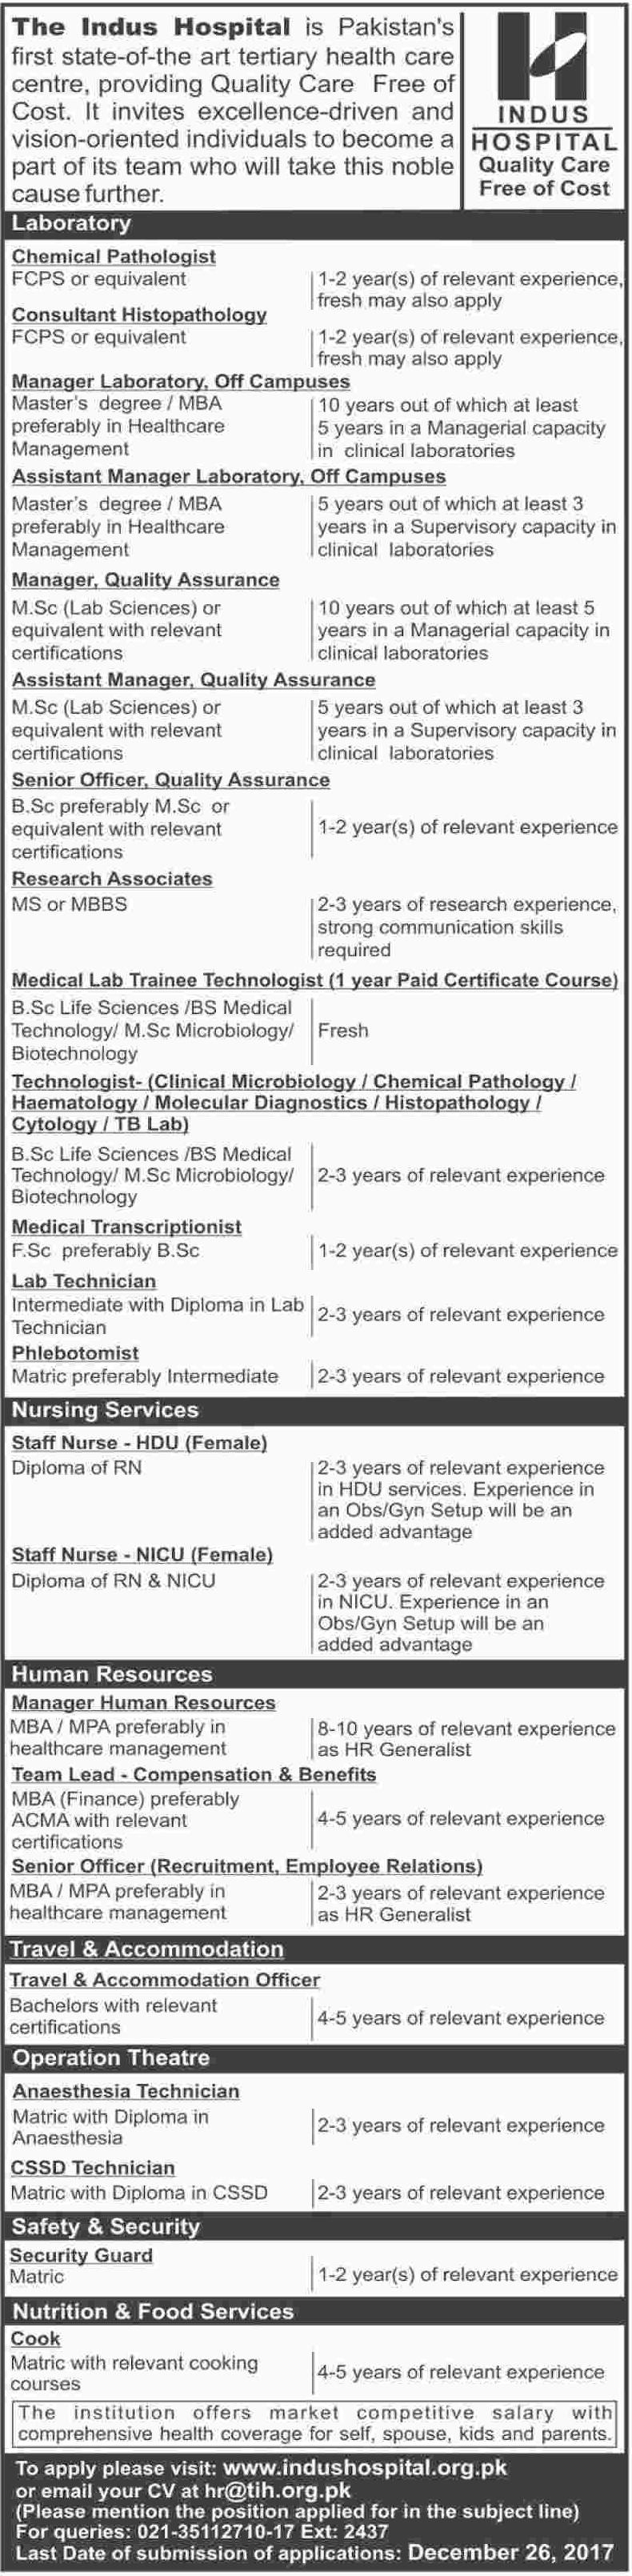 Laboratory Staff, Nursing Staff, HR Staff & OT Staff Jobs